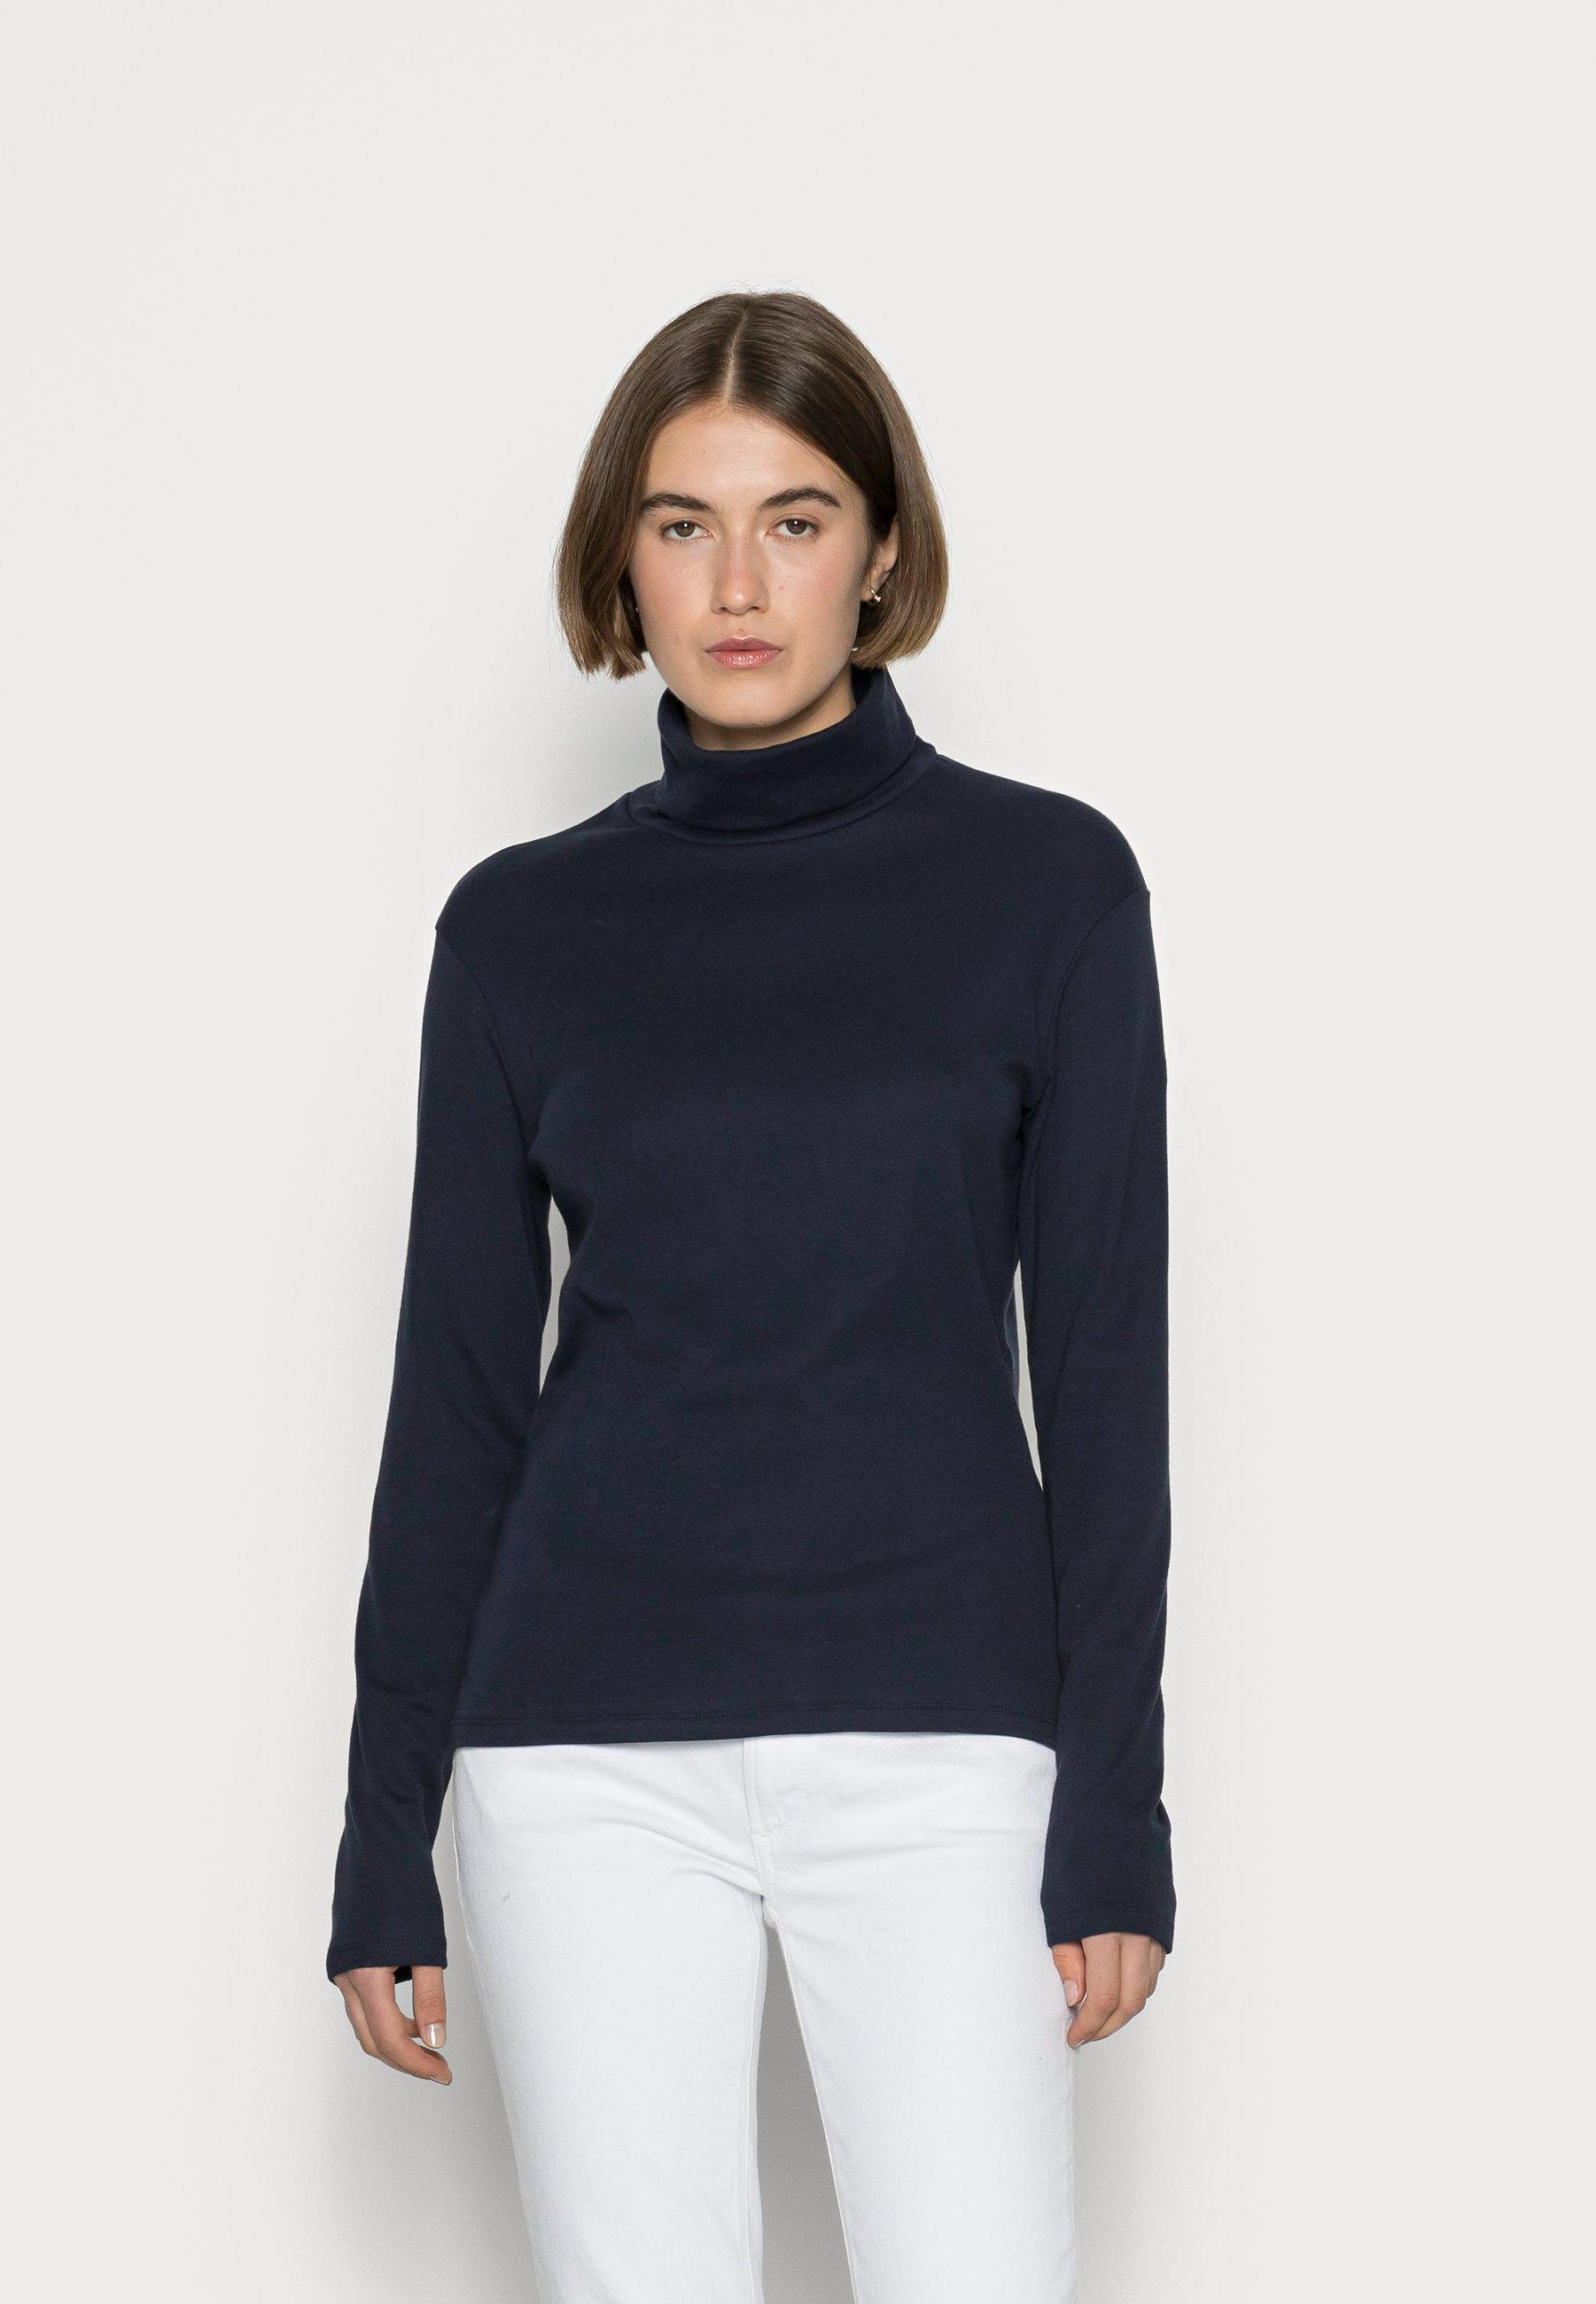 Femme SOUS PULL - T-shirt à manches longues